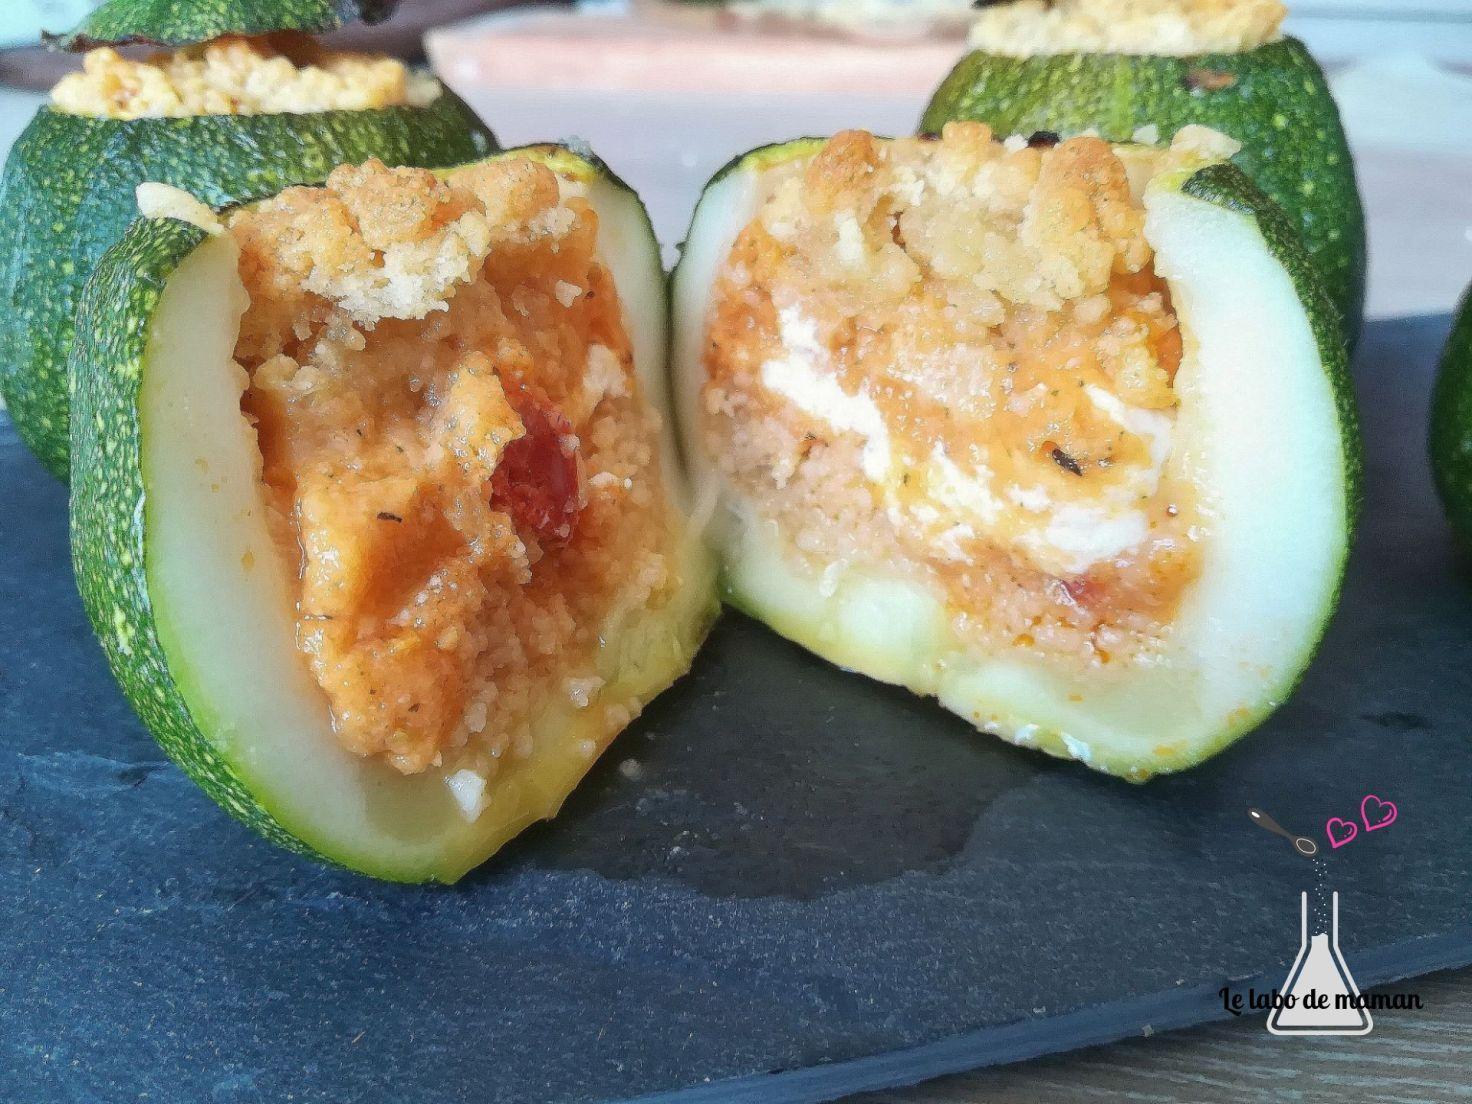 Courgettes rondes farcies aux légumes, chèvre et chorizo avec son crumble au parmesan (companion ...